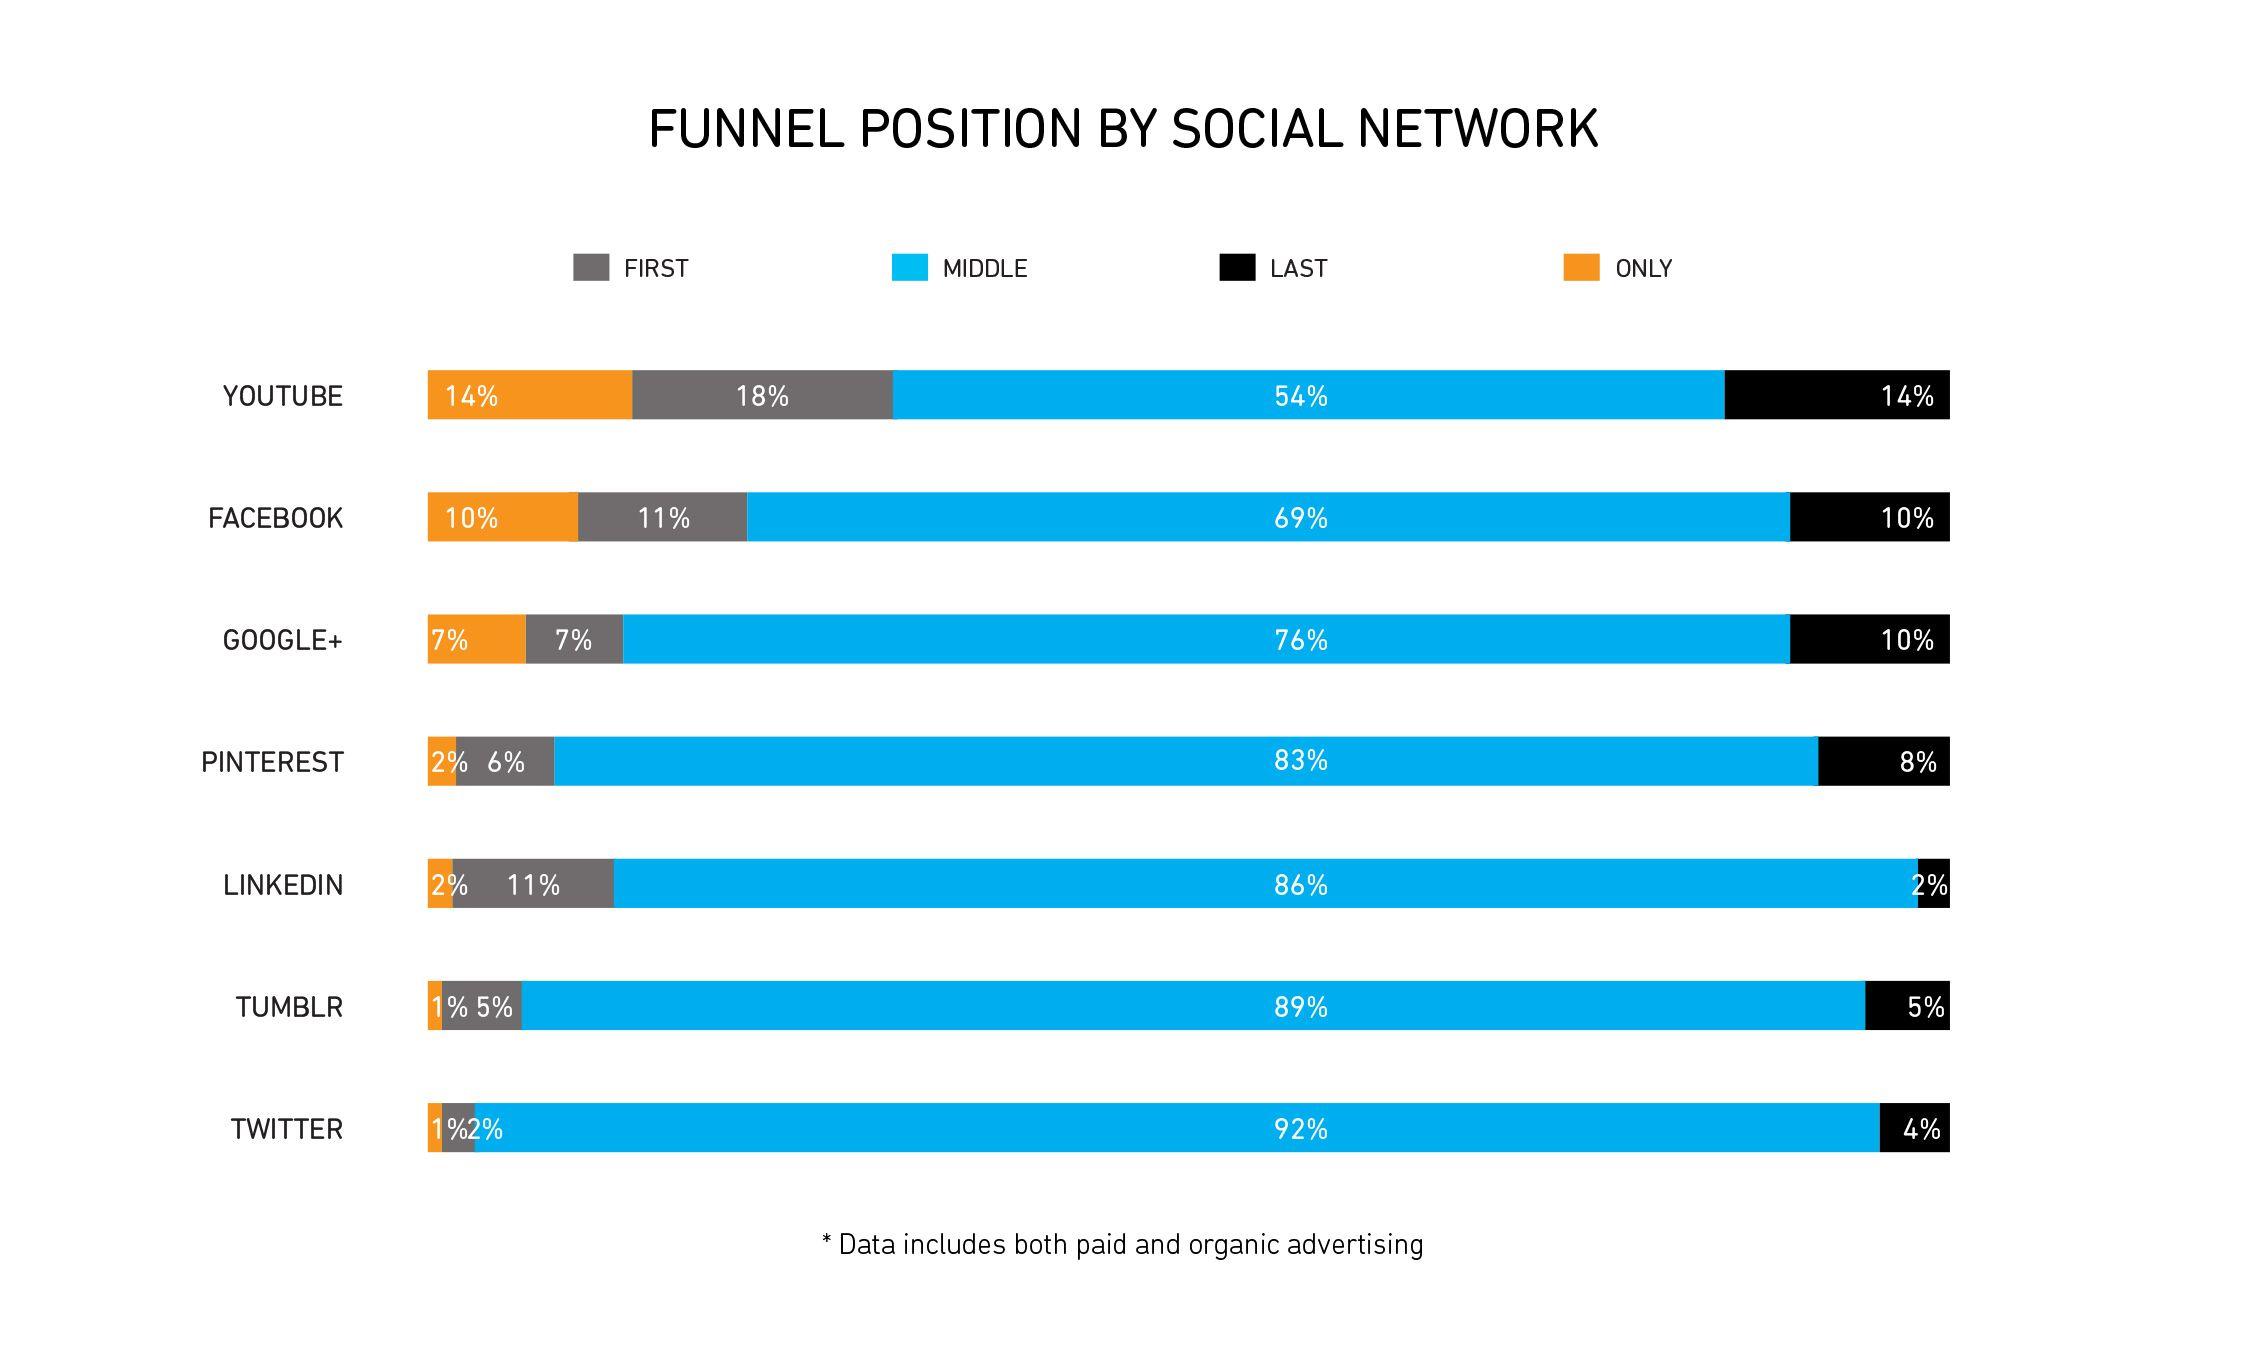 funnel-position-social-network September 2014 Etude AOL